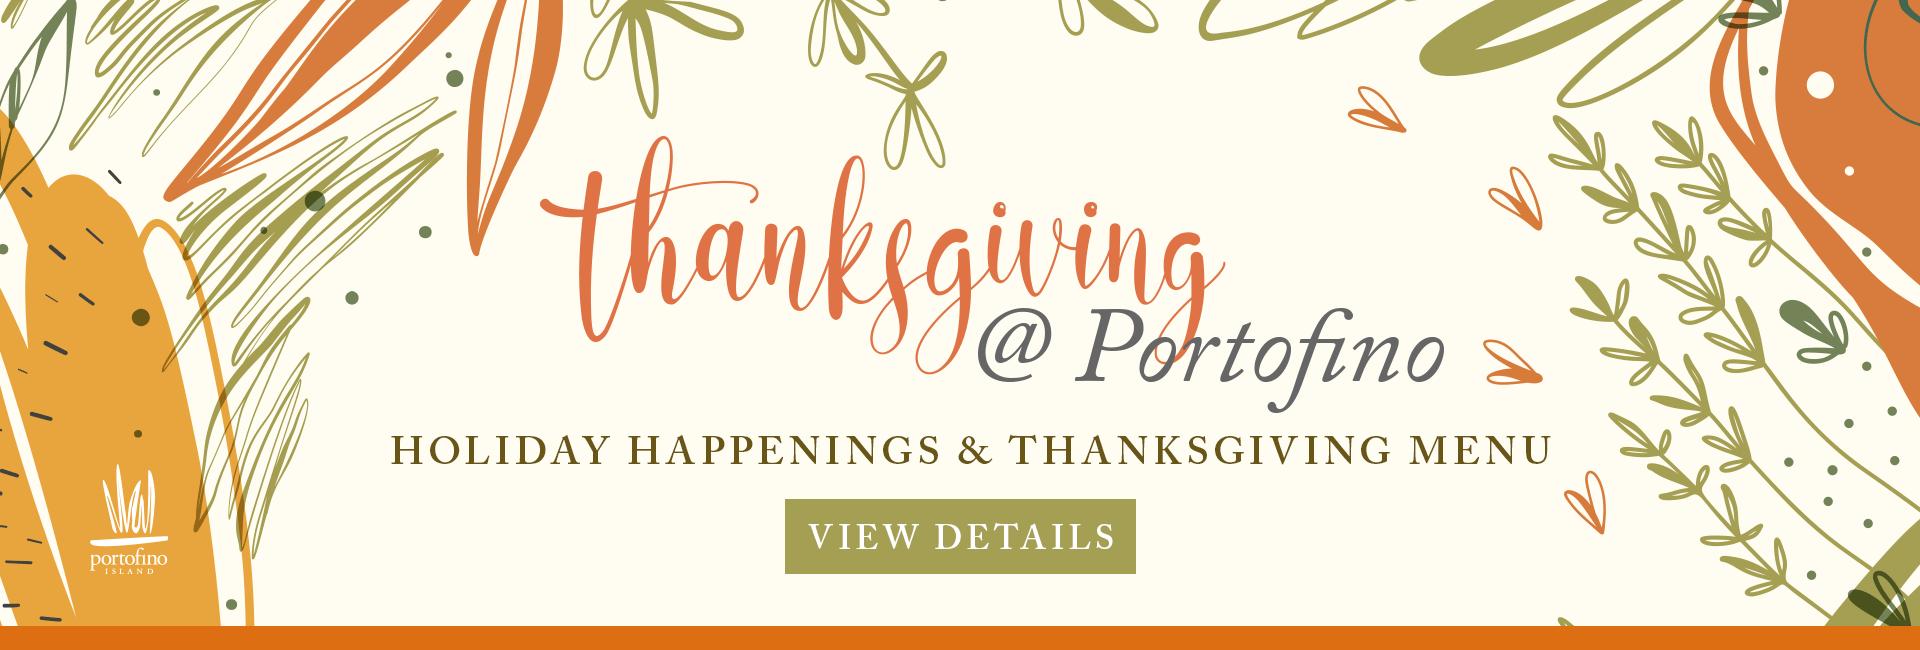 Thanksgiving Menu and Holidays